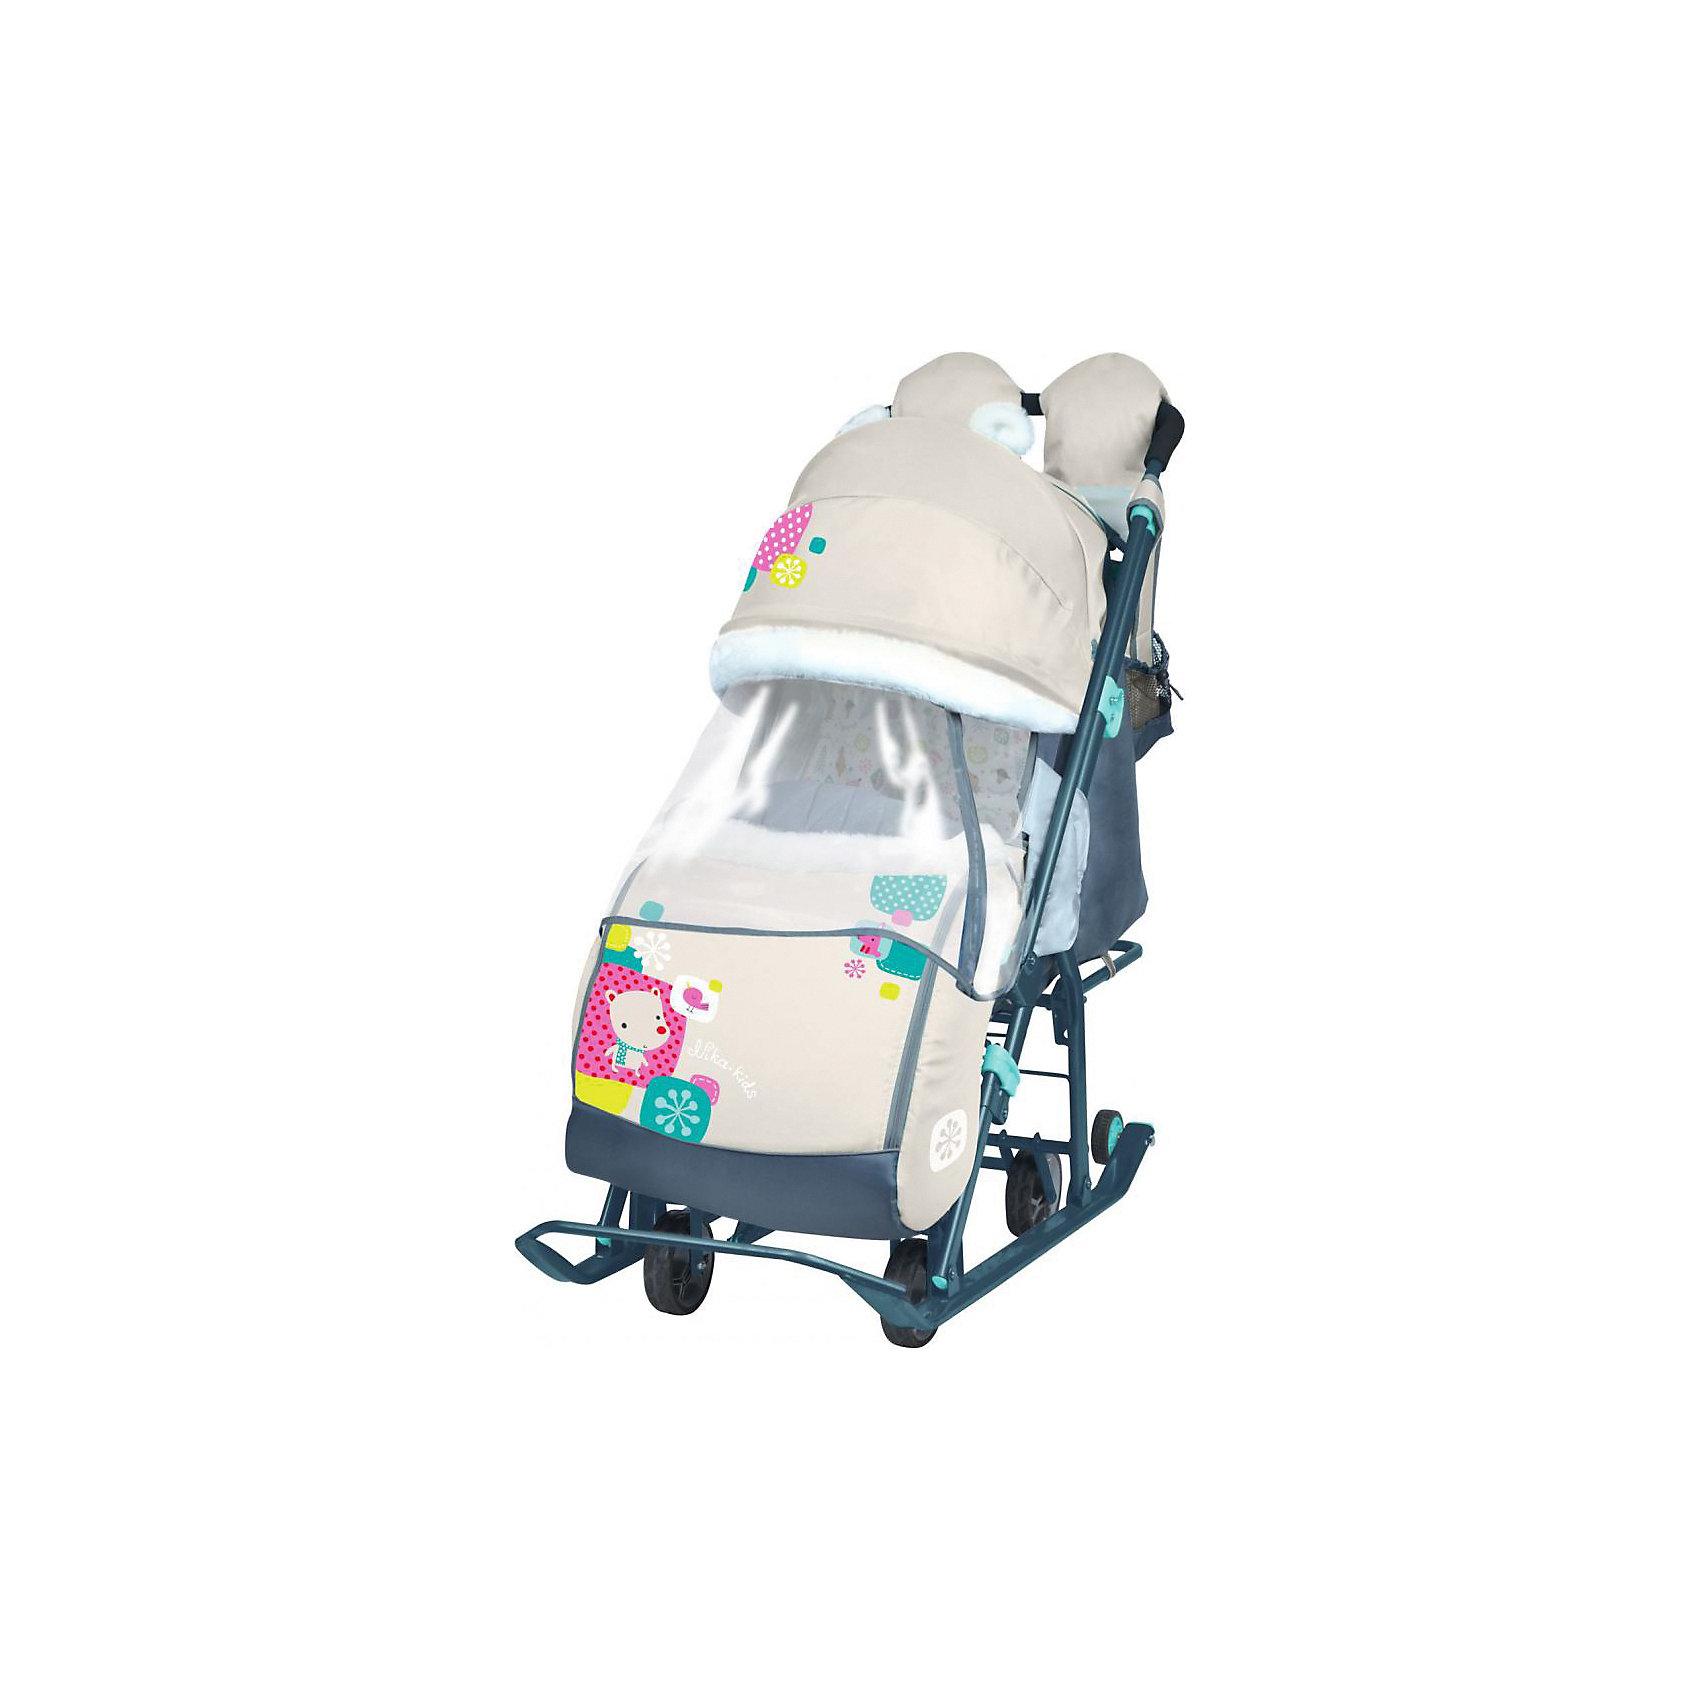 Санки-коляска Ника детям  7-2 (2016), Коллаж-мишка, бежевыйС колесиками<br>Санки-коляска Ника детям 7-2, Коллаж-мишка, бежевый – легкое передвижение в снежную погоду.<br>Удобные санки оснащены пятиточечными ремнями безопасности, которые предотвращают выпадение малыша из колясок даже при очень быстрой ходьбе. Благодаря широким полозьям и транспортировочным колесам санки-коляску очень легко перемещать и возить как по бездорожью, так и по дорогам с небольшим количеством снега. Чехол для ножек и капюшон с окошком позволяют малышу укрыться от снега, ветра, метели и не заскучать. Спинка регулируется в трех положениях, а специальная подножка позволяет ребенку удобно разместиться лежа. Ручка для родителей имеет два положения: сзади санок и спереди, и оснащена теплыми варежками для долгих прогулок. В комплект к санкам идет вместительная сумка.<br><br>Дополнительная информация:<br><br>- материал: металл, полиэсте <br>- размер в разложенном виде (с выдвинутой колесной базой):105х44,5х109,5 см<br>- высота ручки от земли: 93 см<br>- размер сиденья: 32 х 29 см<br>- размер спинки: 33х43 см<br>- размер в сложенном виде: 110,5х44,5х28 см<br>- вес: 10,3 кг<br>- максимальный вес ребенка: 25 кг<br><br>ВНИМАНИЕ!!! Второе и последующее фото показывает функционал товара<br><br>Санки-коляска Ника детям 7-2, Коллаж-мишка, бежевый можно купить в нашем магазине.<br><br>Ширина мм: 1105<br>Глубина мм: 445<br>Высота мм: 280<br>Вес г: 11000<br>Цвет: бежевый<br>Возраст от месяцев: 12<br>Возраст до месяцев: 48<br>Пол: Унисекс<br>Возраст: Детский<br>SKU: 4937469